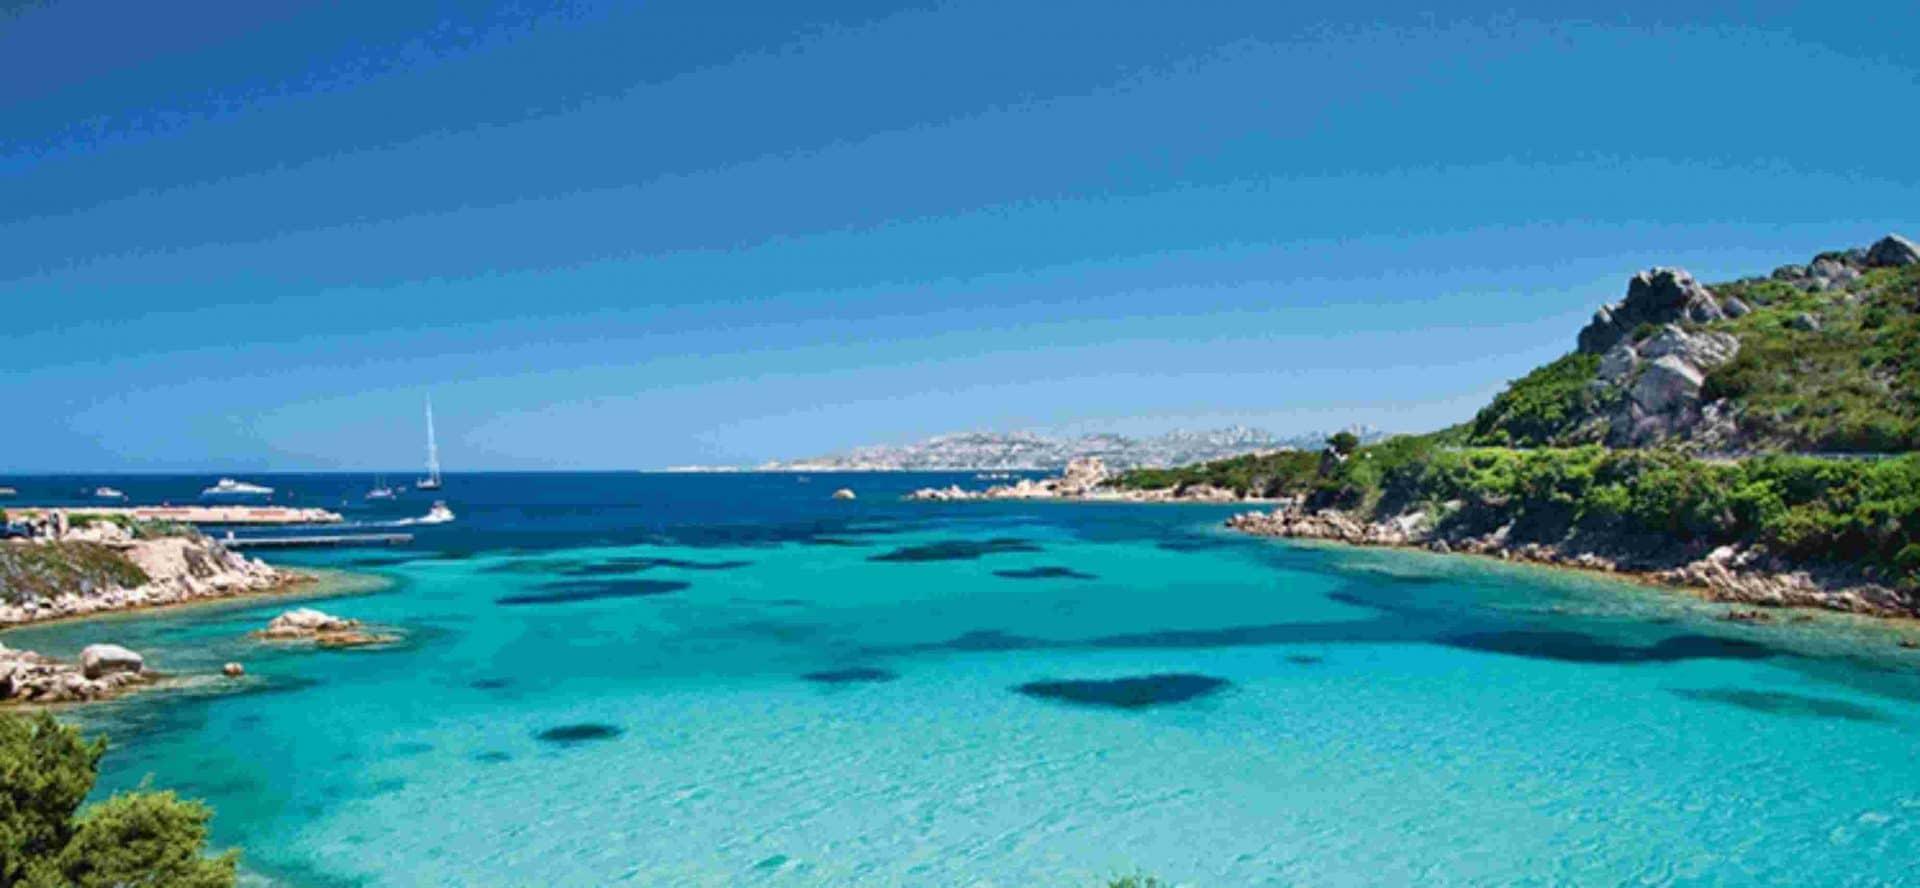 Tour along northern coast of Sardinia